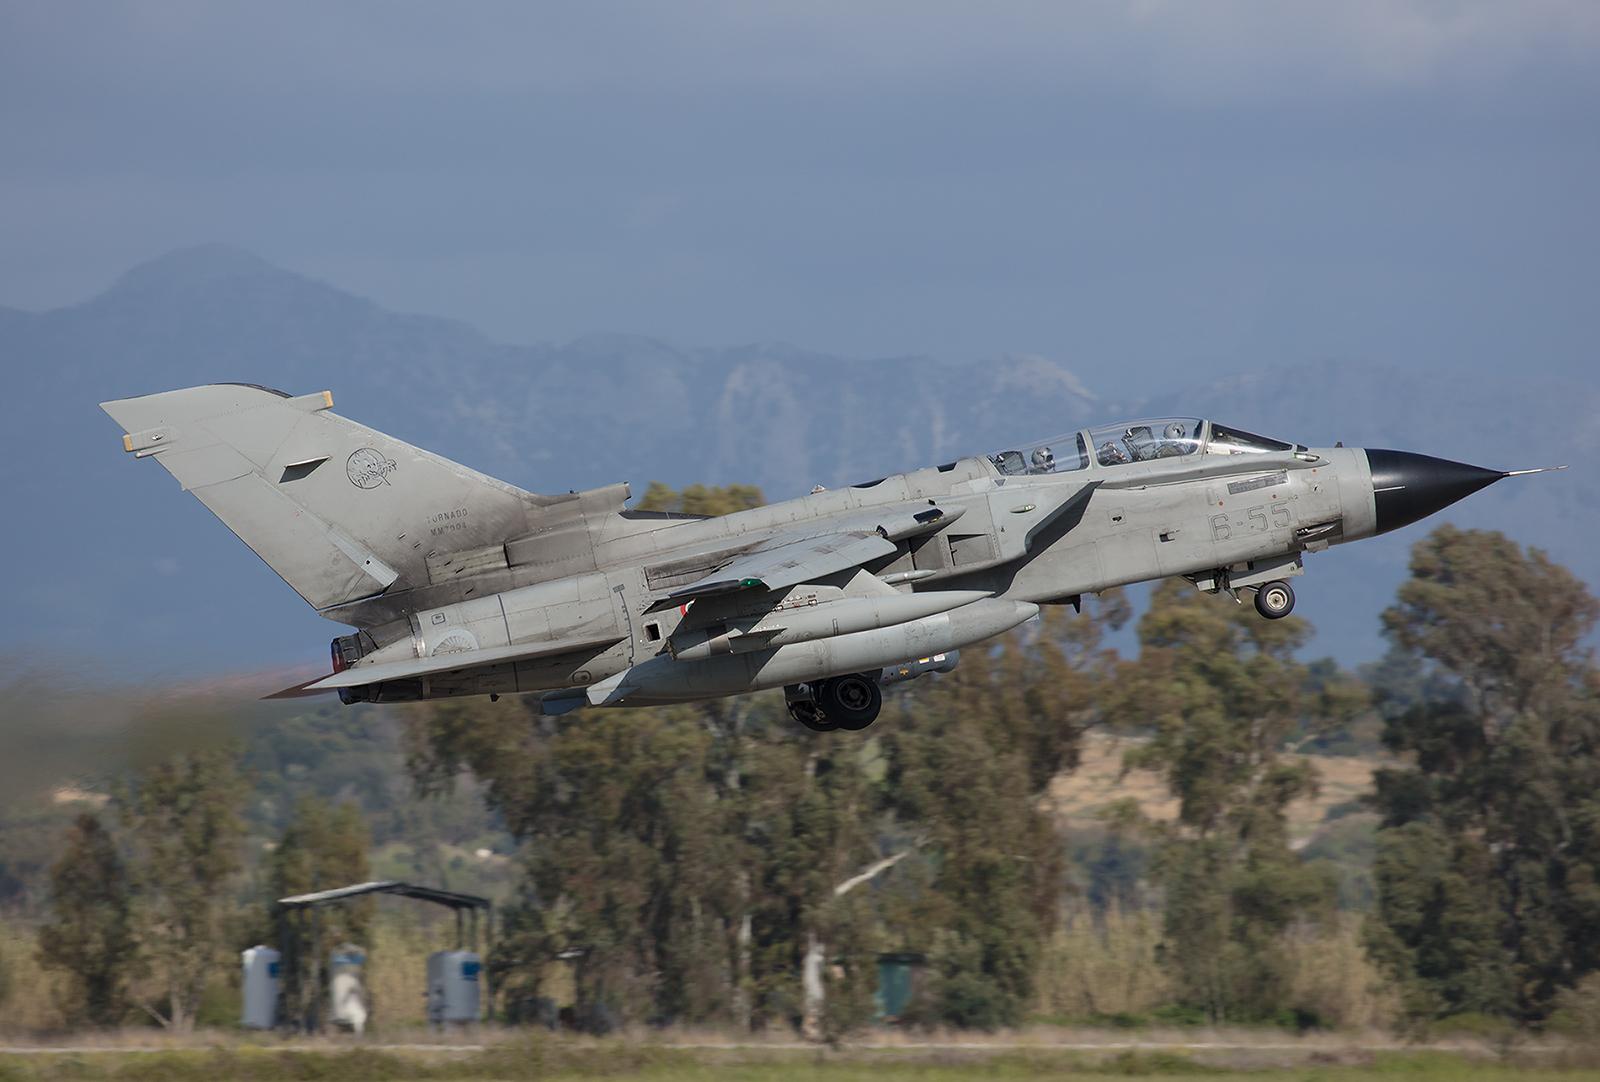 MM7004, MRCA Tornado IDS der 6 Stormo aus Ghedi.